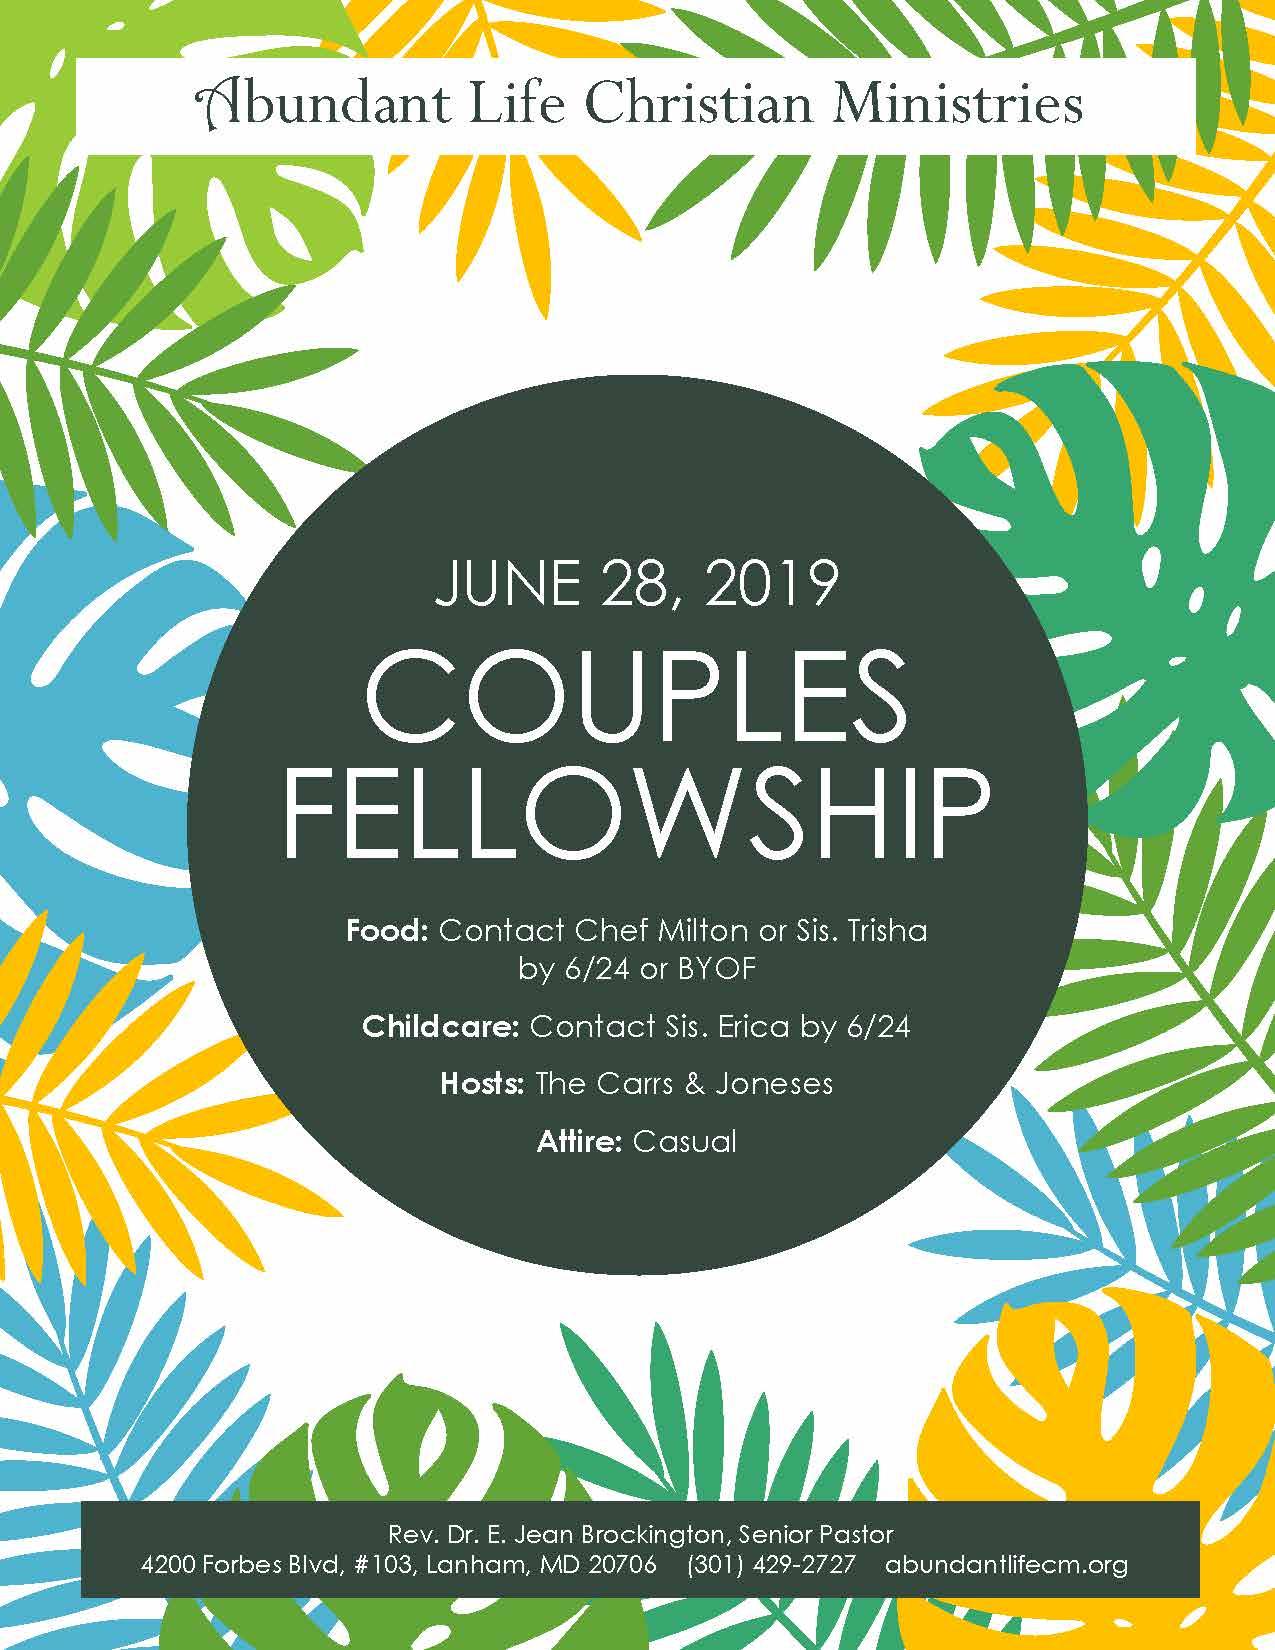 alcm-couples-fellowship-201906-June.jpg